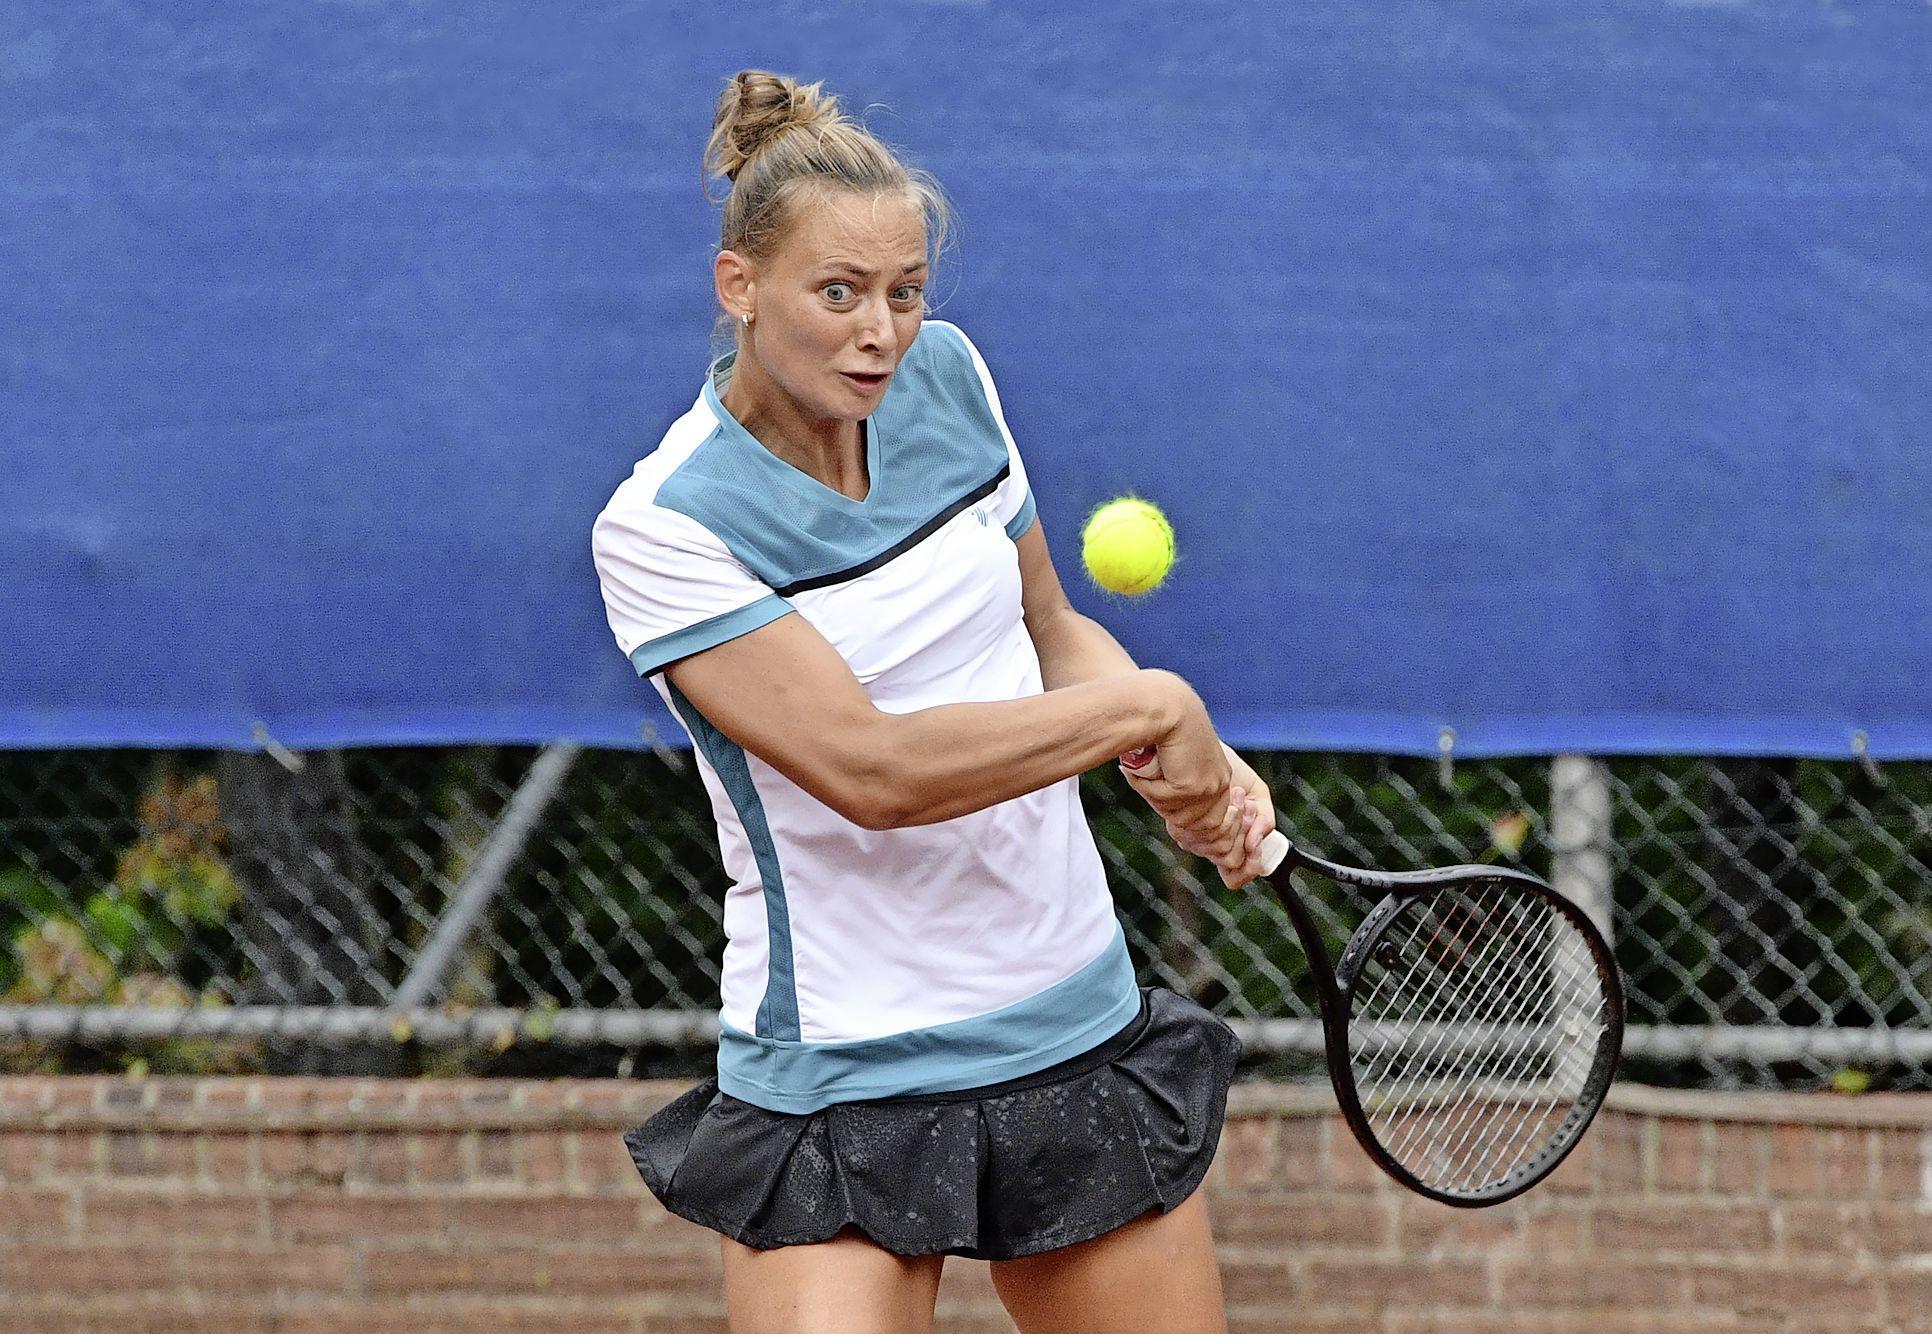 Cindy Burger is titelverdediger tijdens ITF World Tennis Tour in Alkmaar. Volendamse vindt het na lange stilstand door blessures belangrijk om wedstrijdritme op te doen